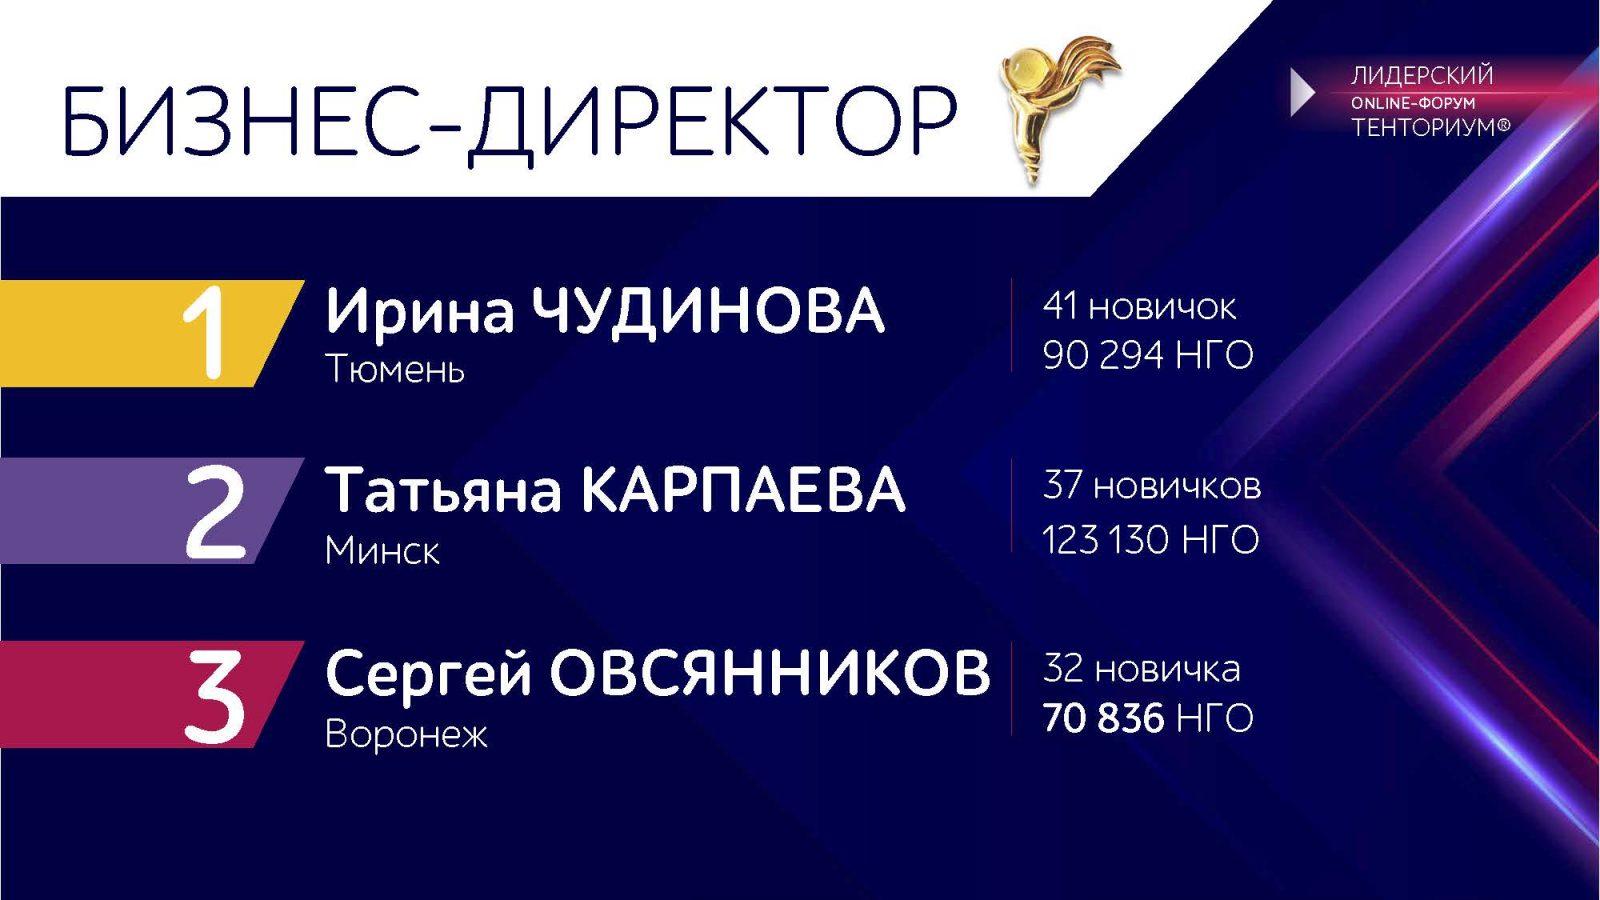 LF-2020-Luchshij-lider-po-komandnomu-podpisaniyu-i-uvelicheniyu-NGO-3_Stranitsa_3